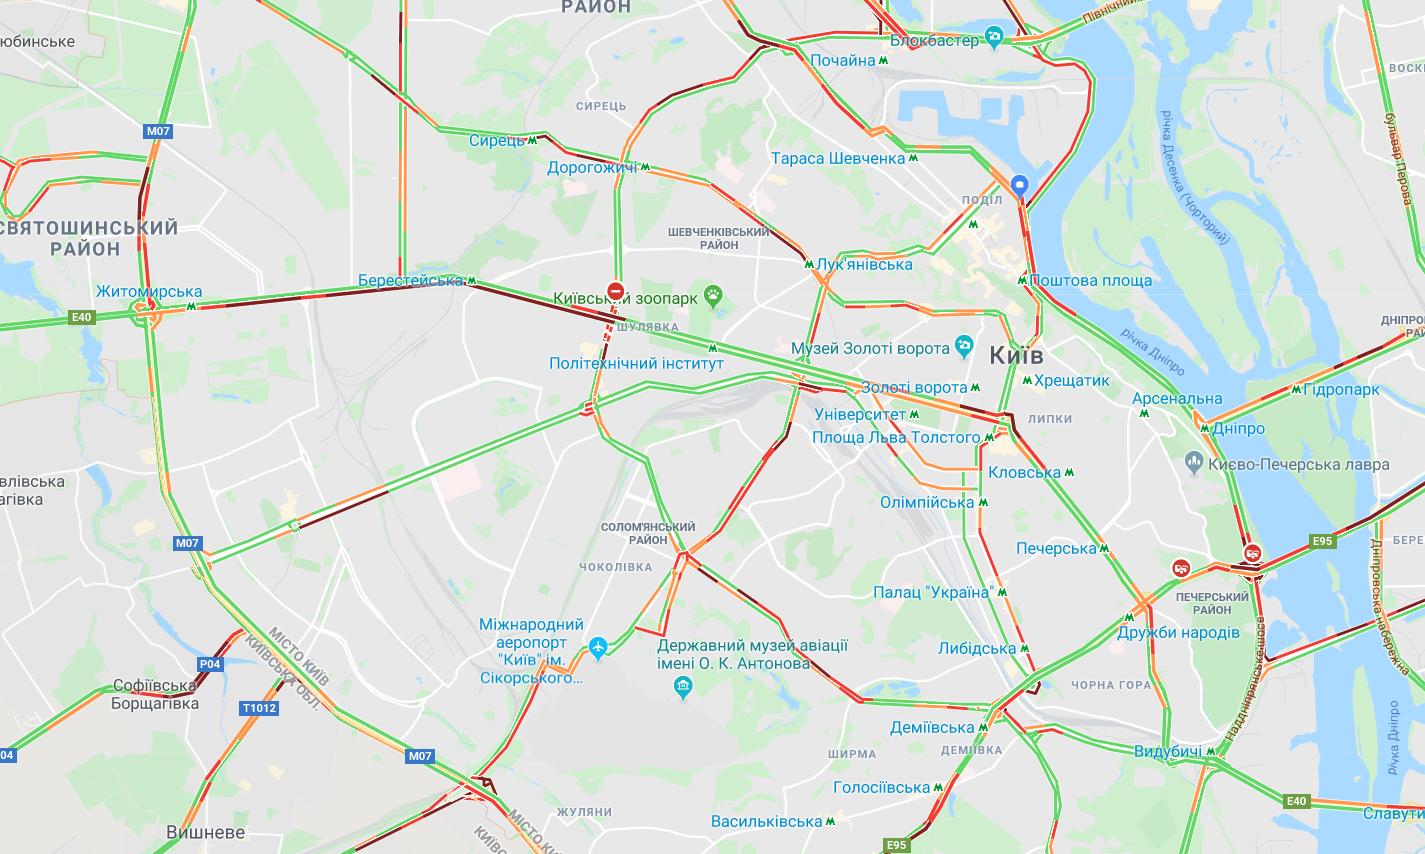 В Киеве утром образовались пробки: карта